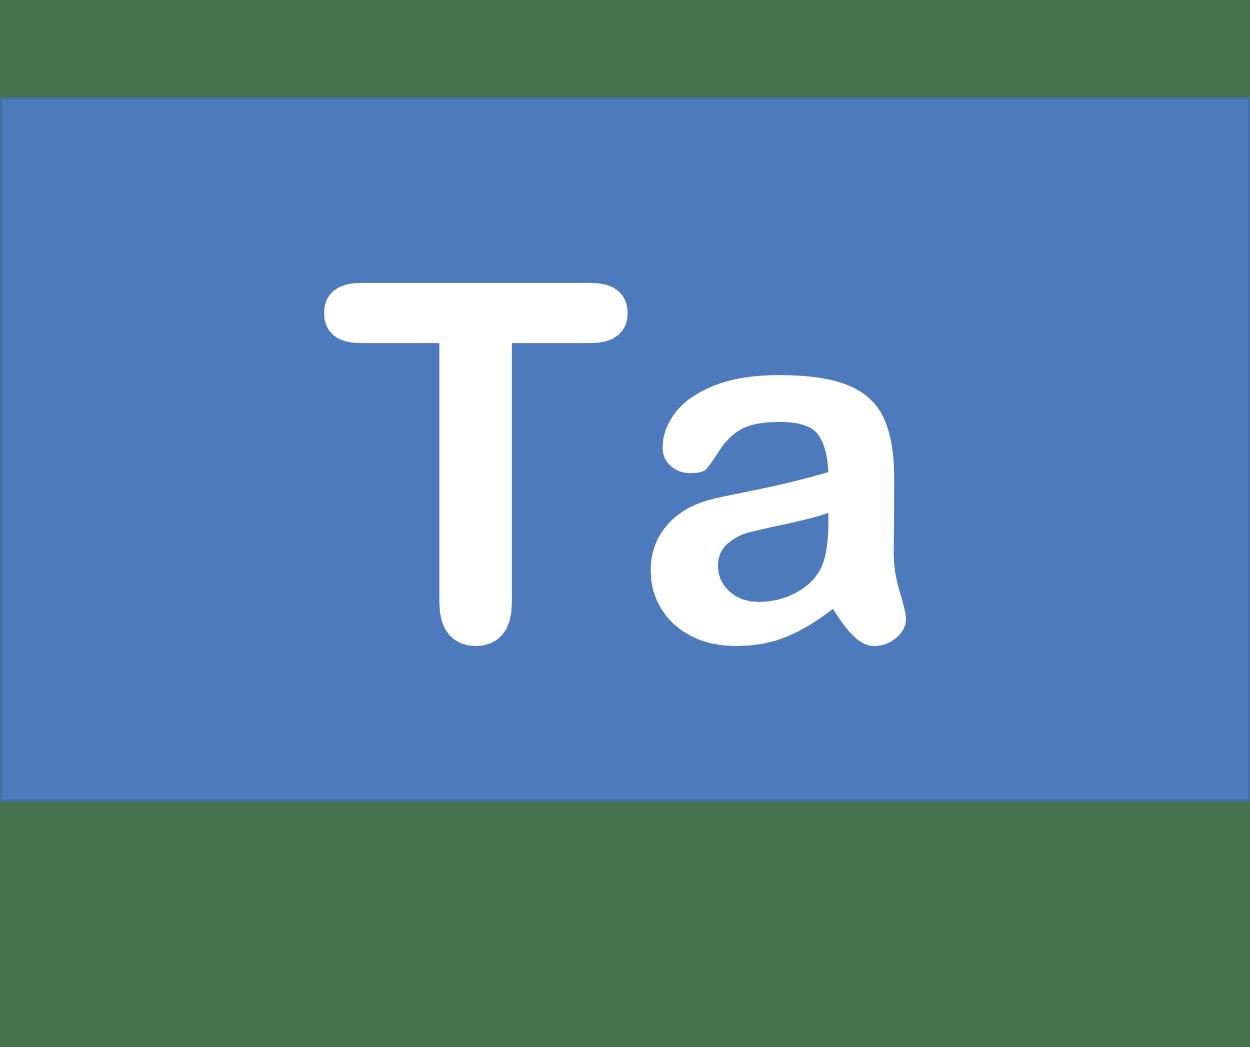 73 Ta タンタル Tantalum 元素 記号 周期表 化学 原子